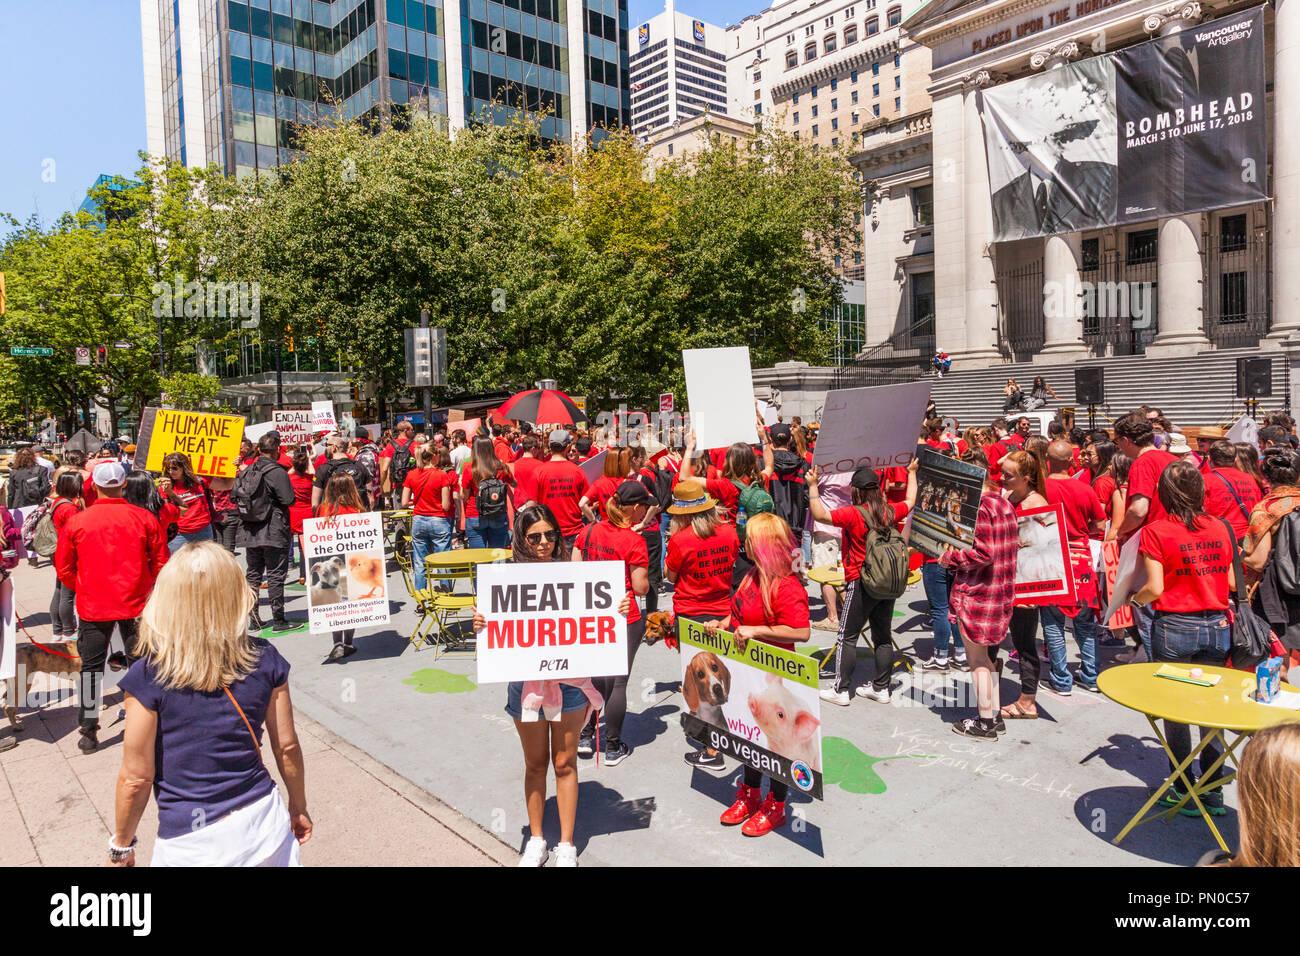 Eine vegane Kundgebung außerhalb der Kunstgalerie im Hornby Street, Vancouver, Britisch-Kolumbien, Kanada Stockbild